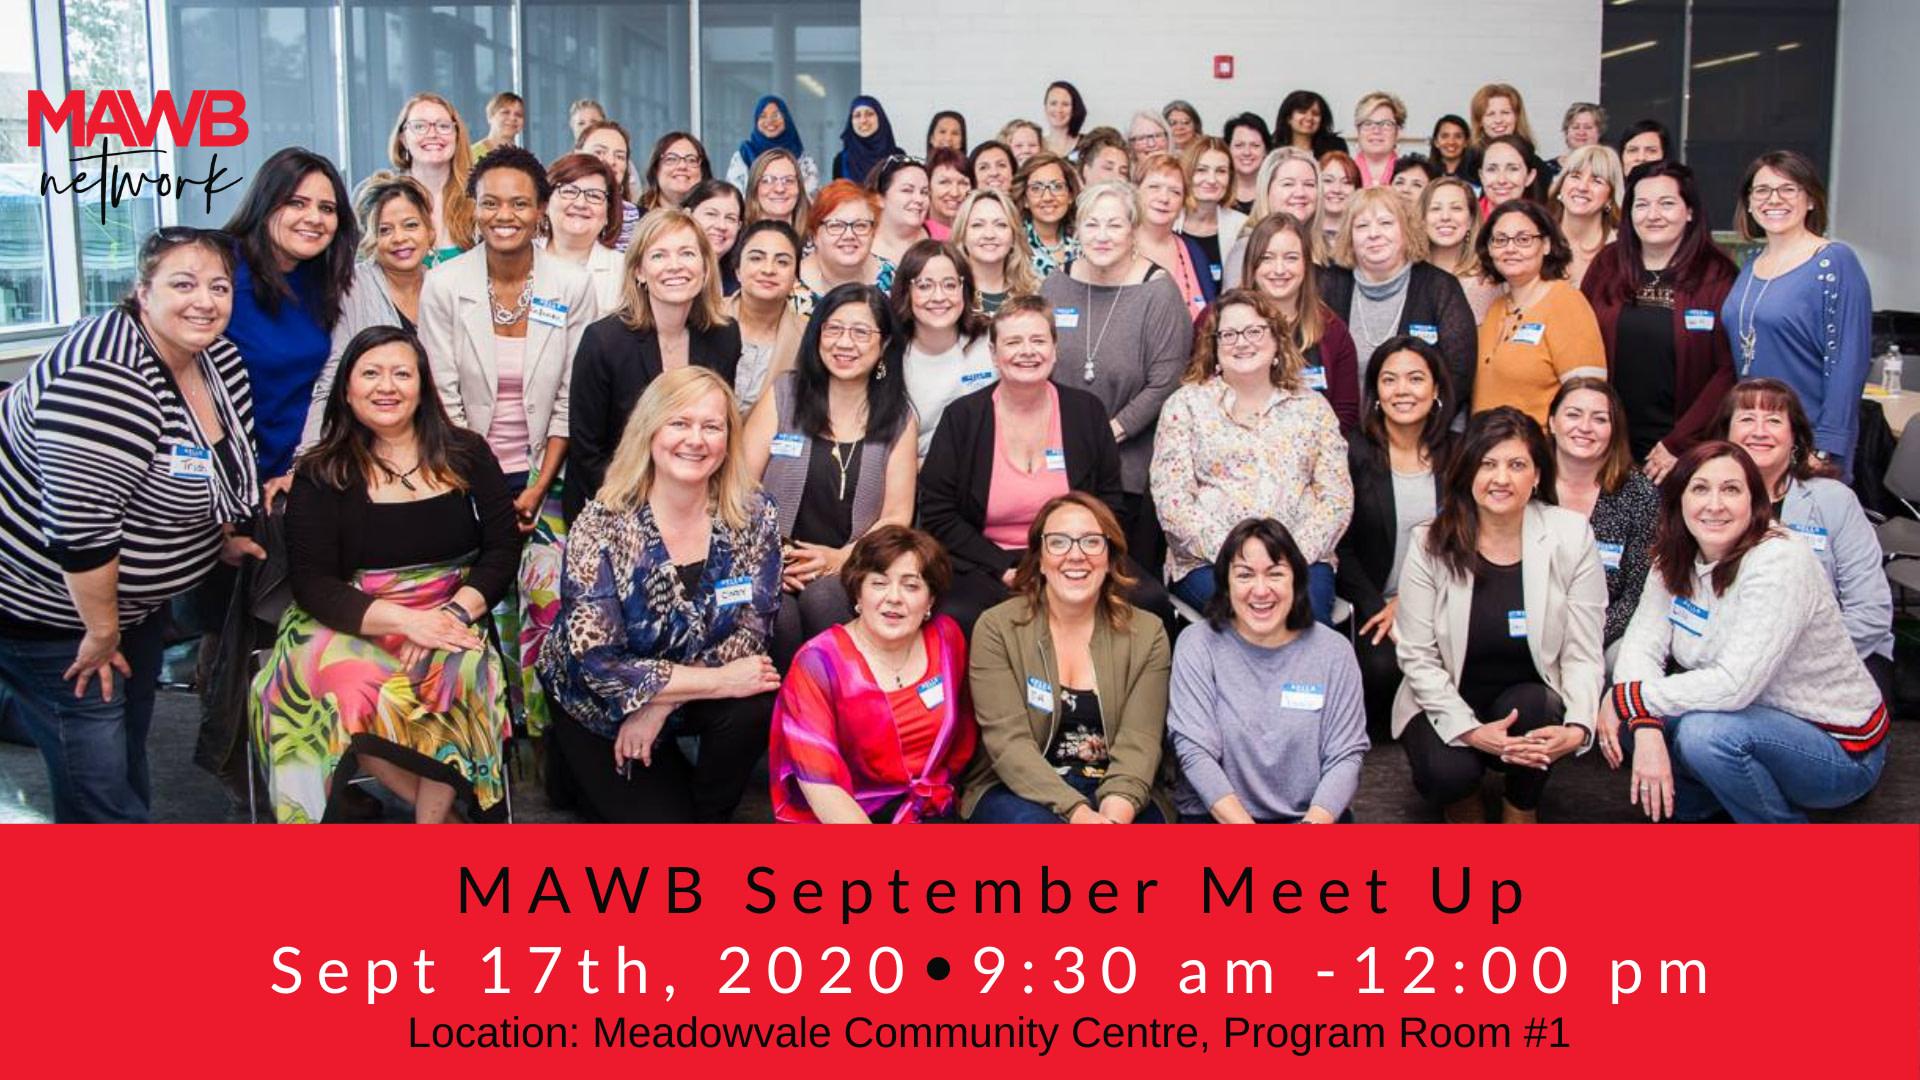 MAWB September Meet Up in Mississauga